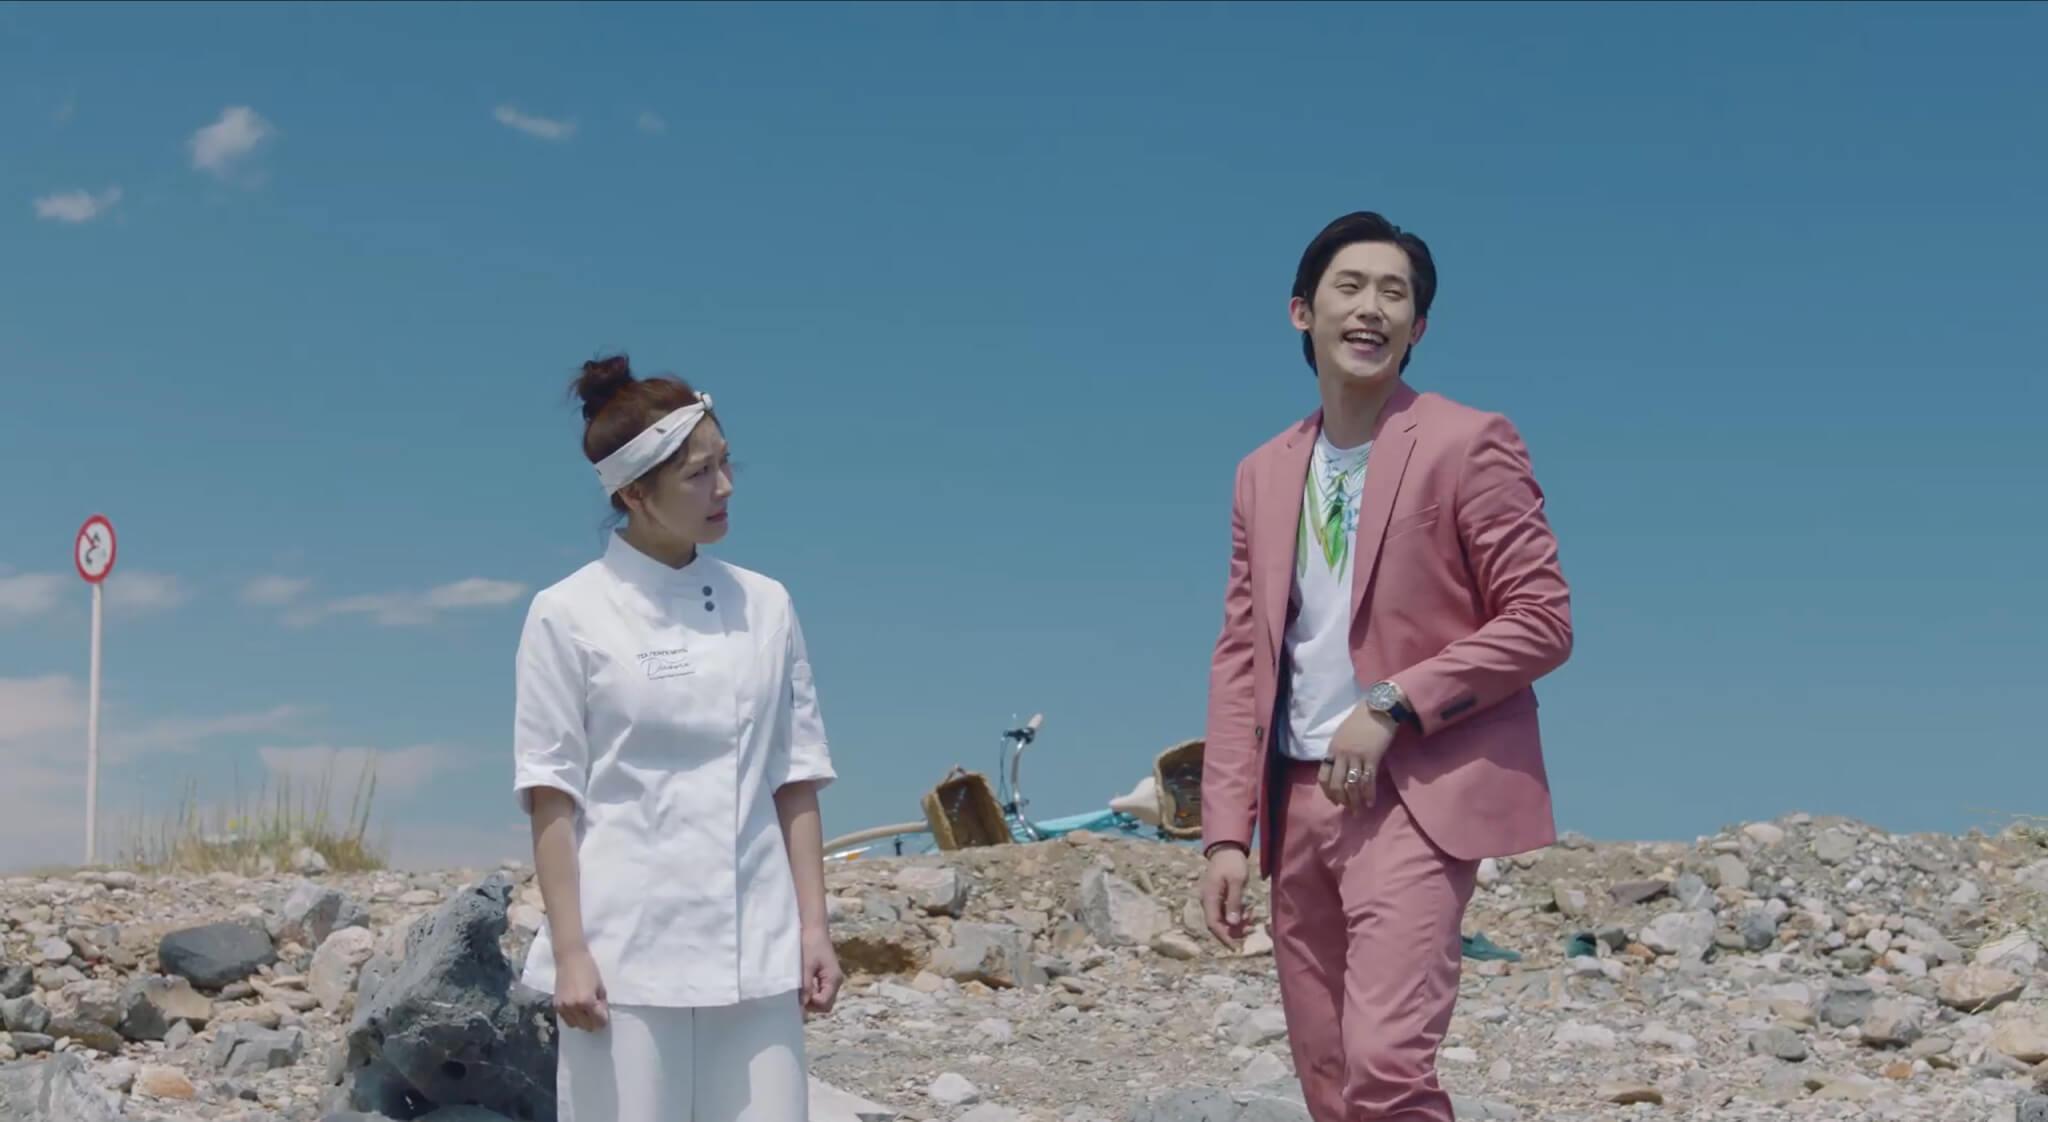 《阿爾罕布拉宮的回憶》男星閔鎮雄飾演河智苑弟弟,在劇中是個不務正業的騙子,專為家姊帶來煩惱。